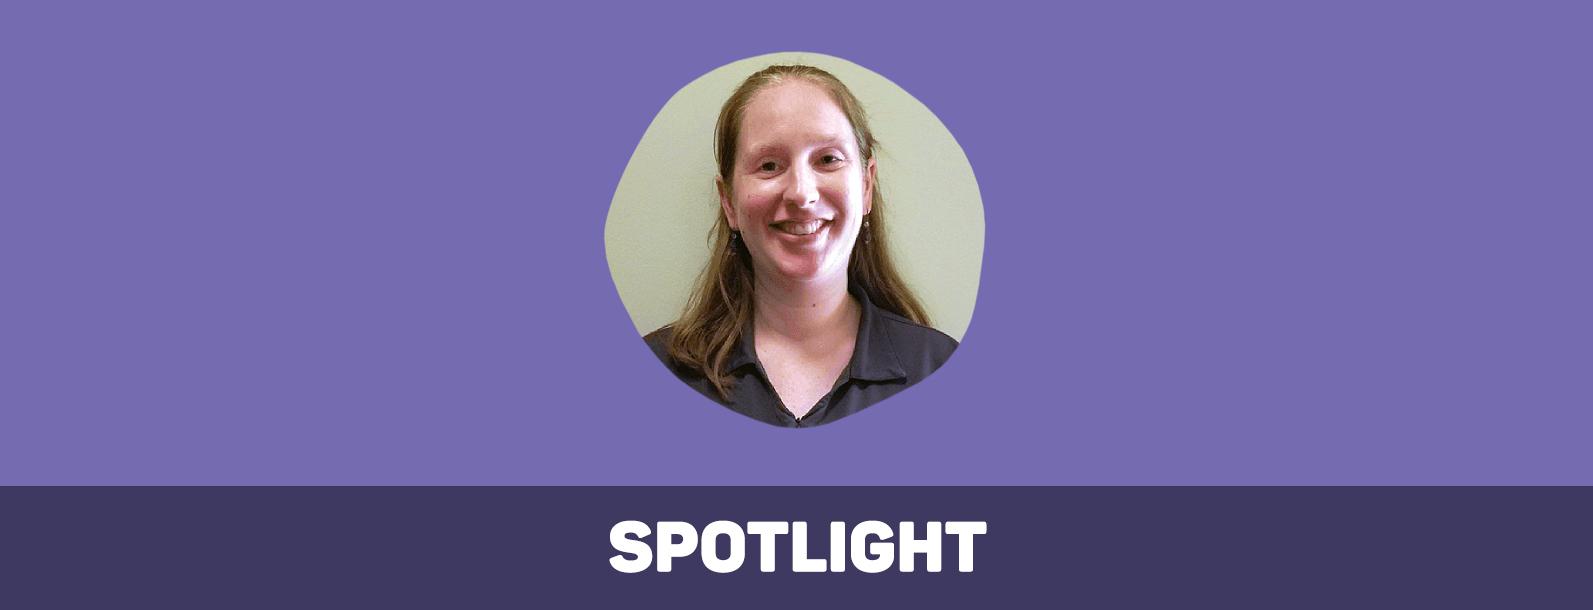 Spotlight Q&A with Jessica R.